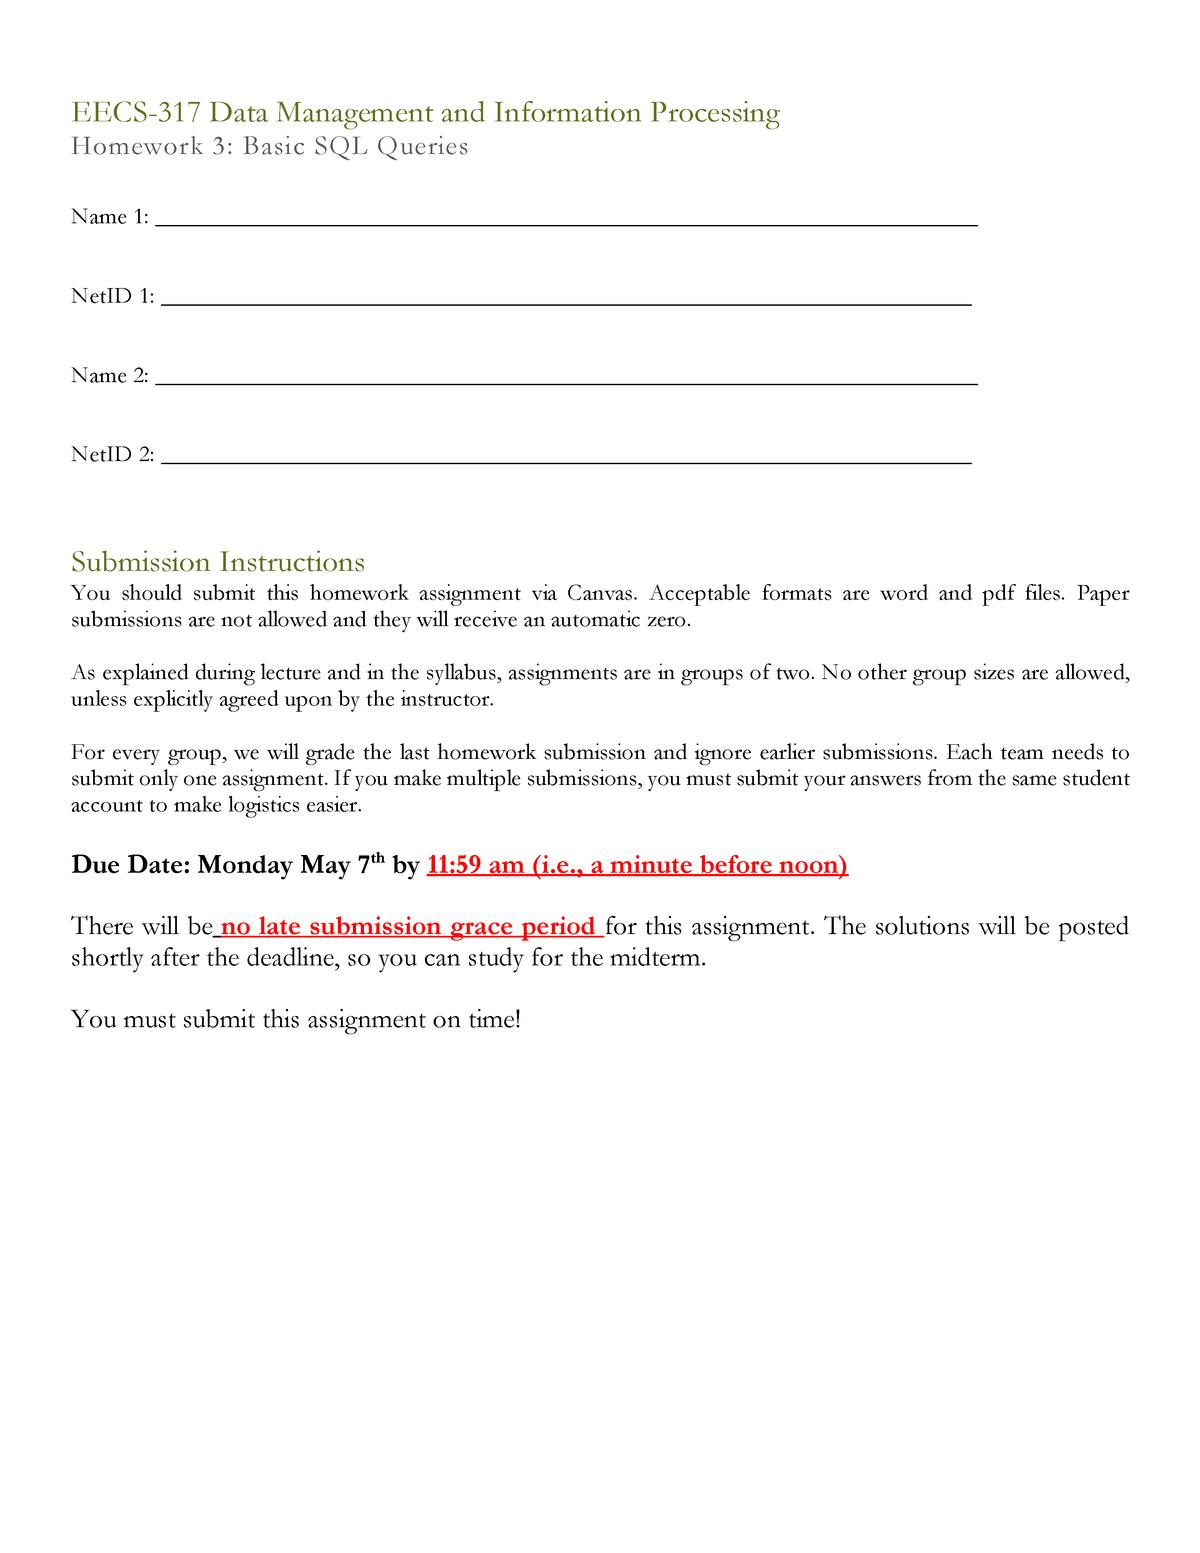 EECS-317 Homework 3 - Solutions - EECS 317: Data Management